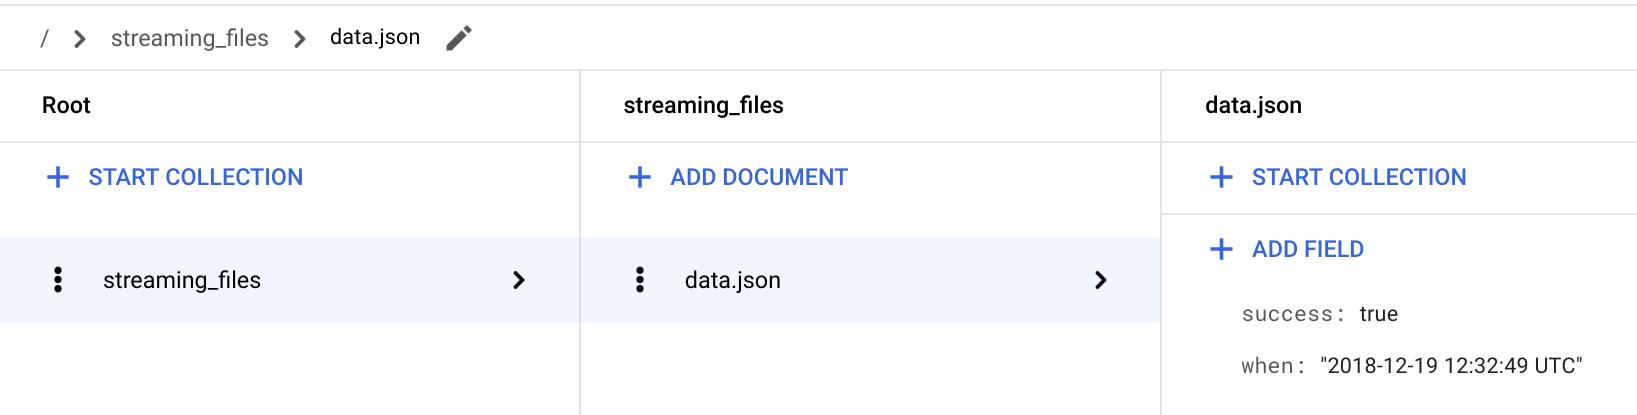 """Vérification que la fonction """"streaming"""" stocke l'état de réussite du fichier"""